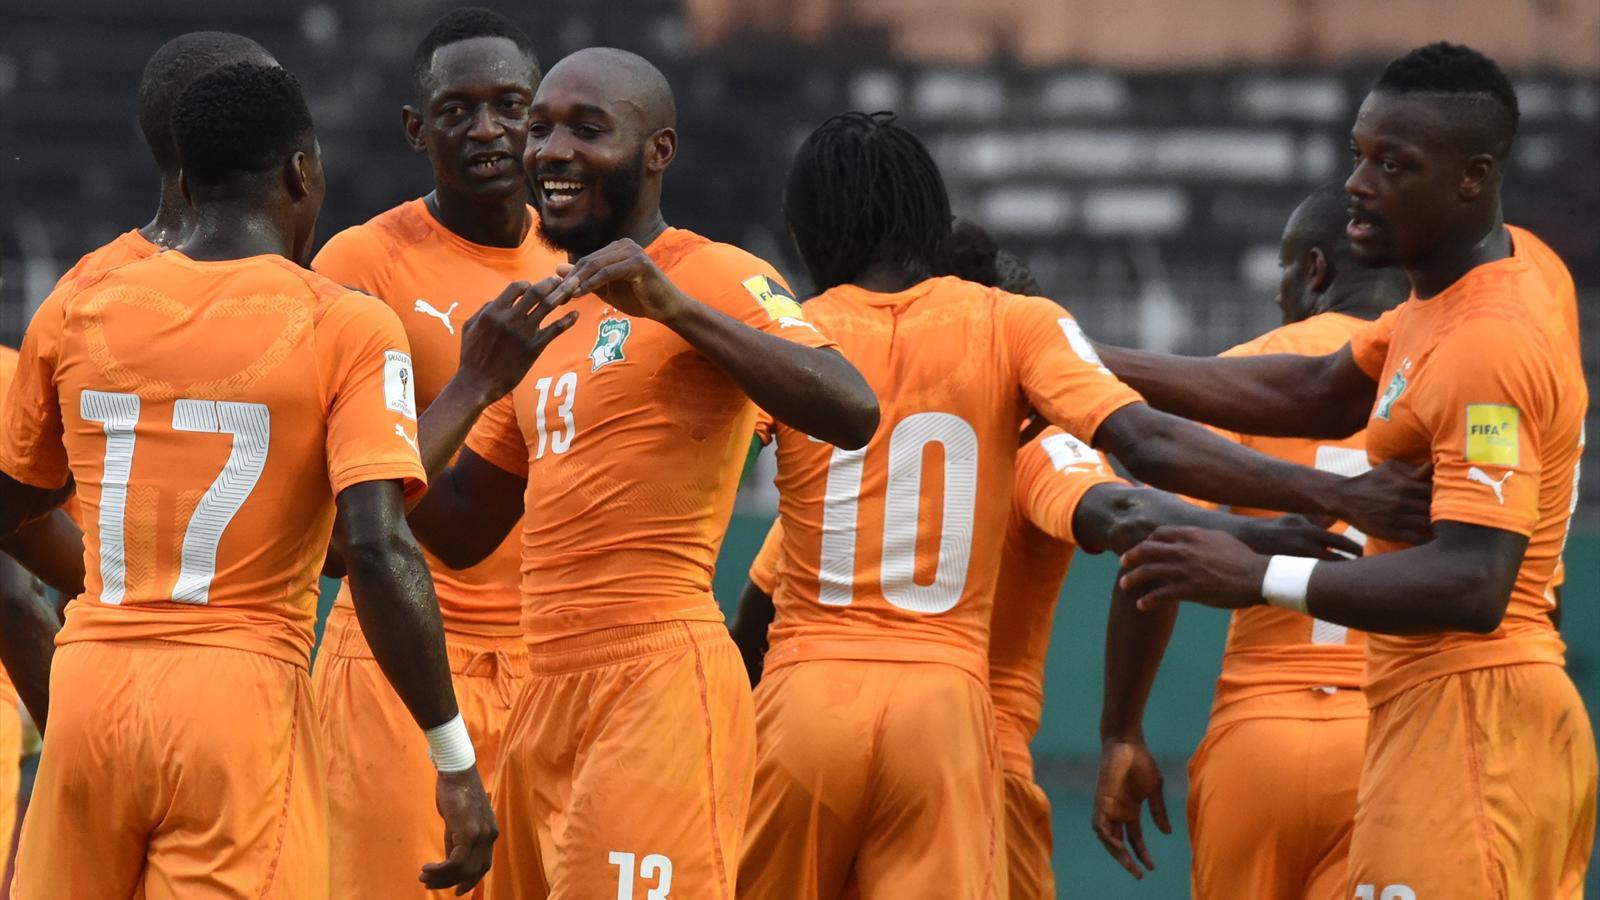 Qualifications coupe du monde 2018 zone afrique tous - Classement qualification coupe du monde ...